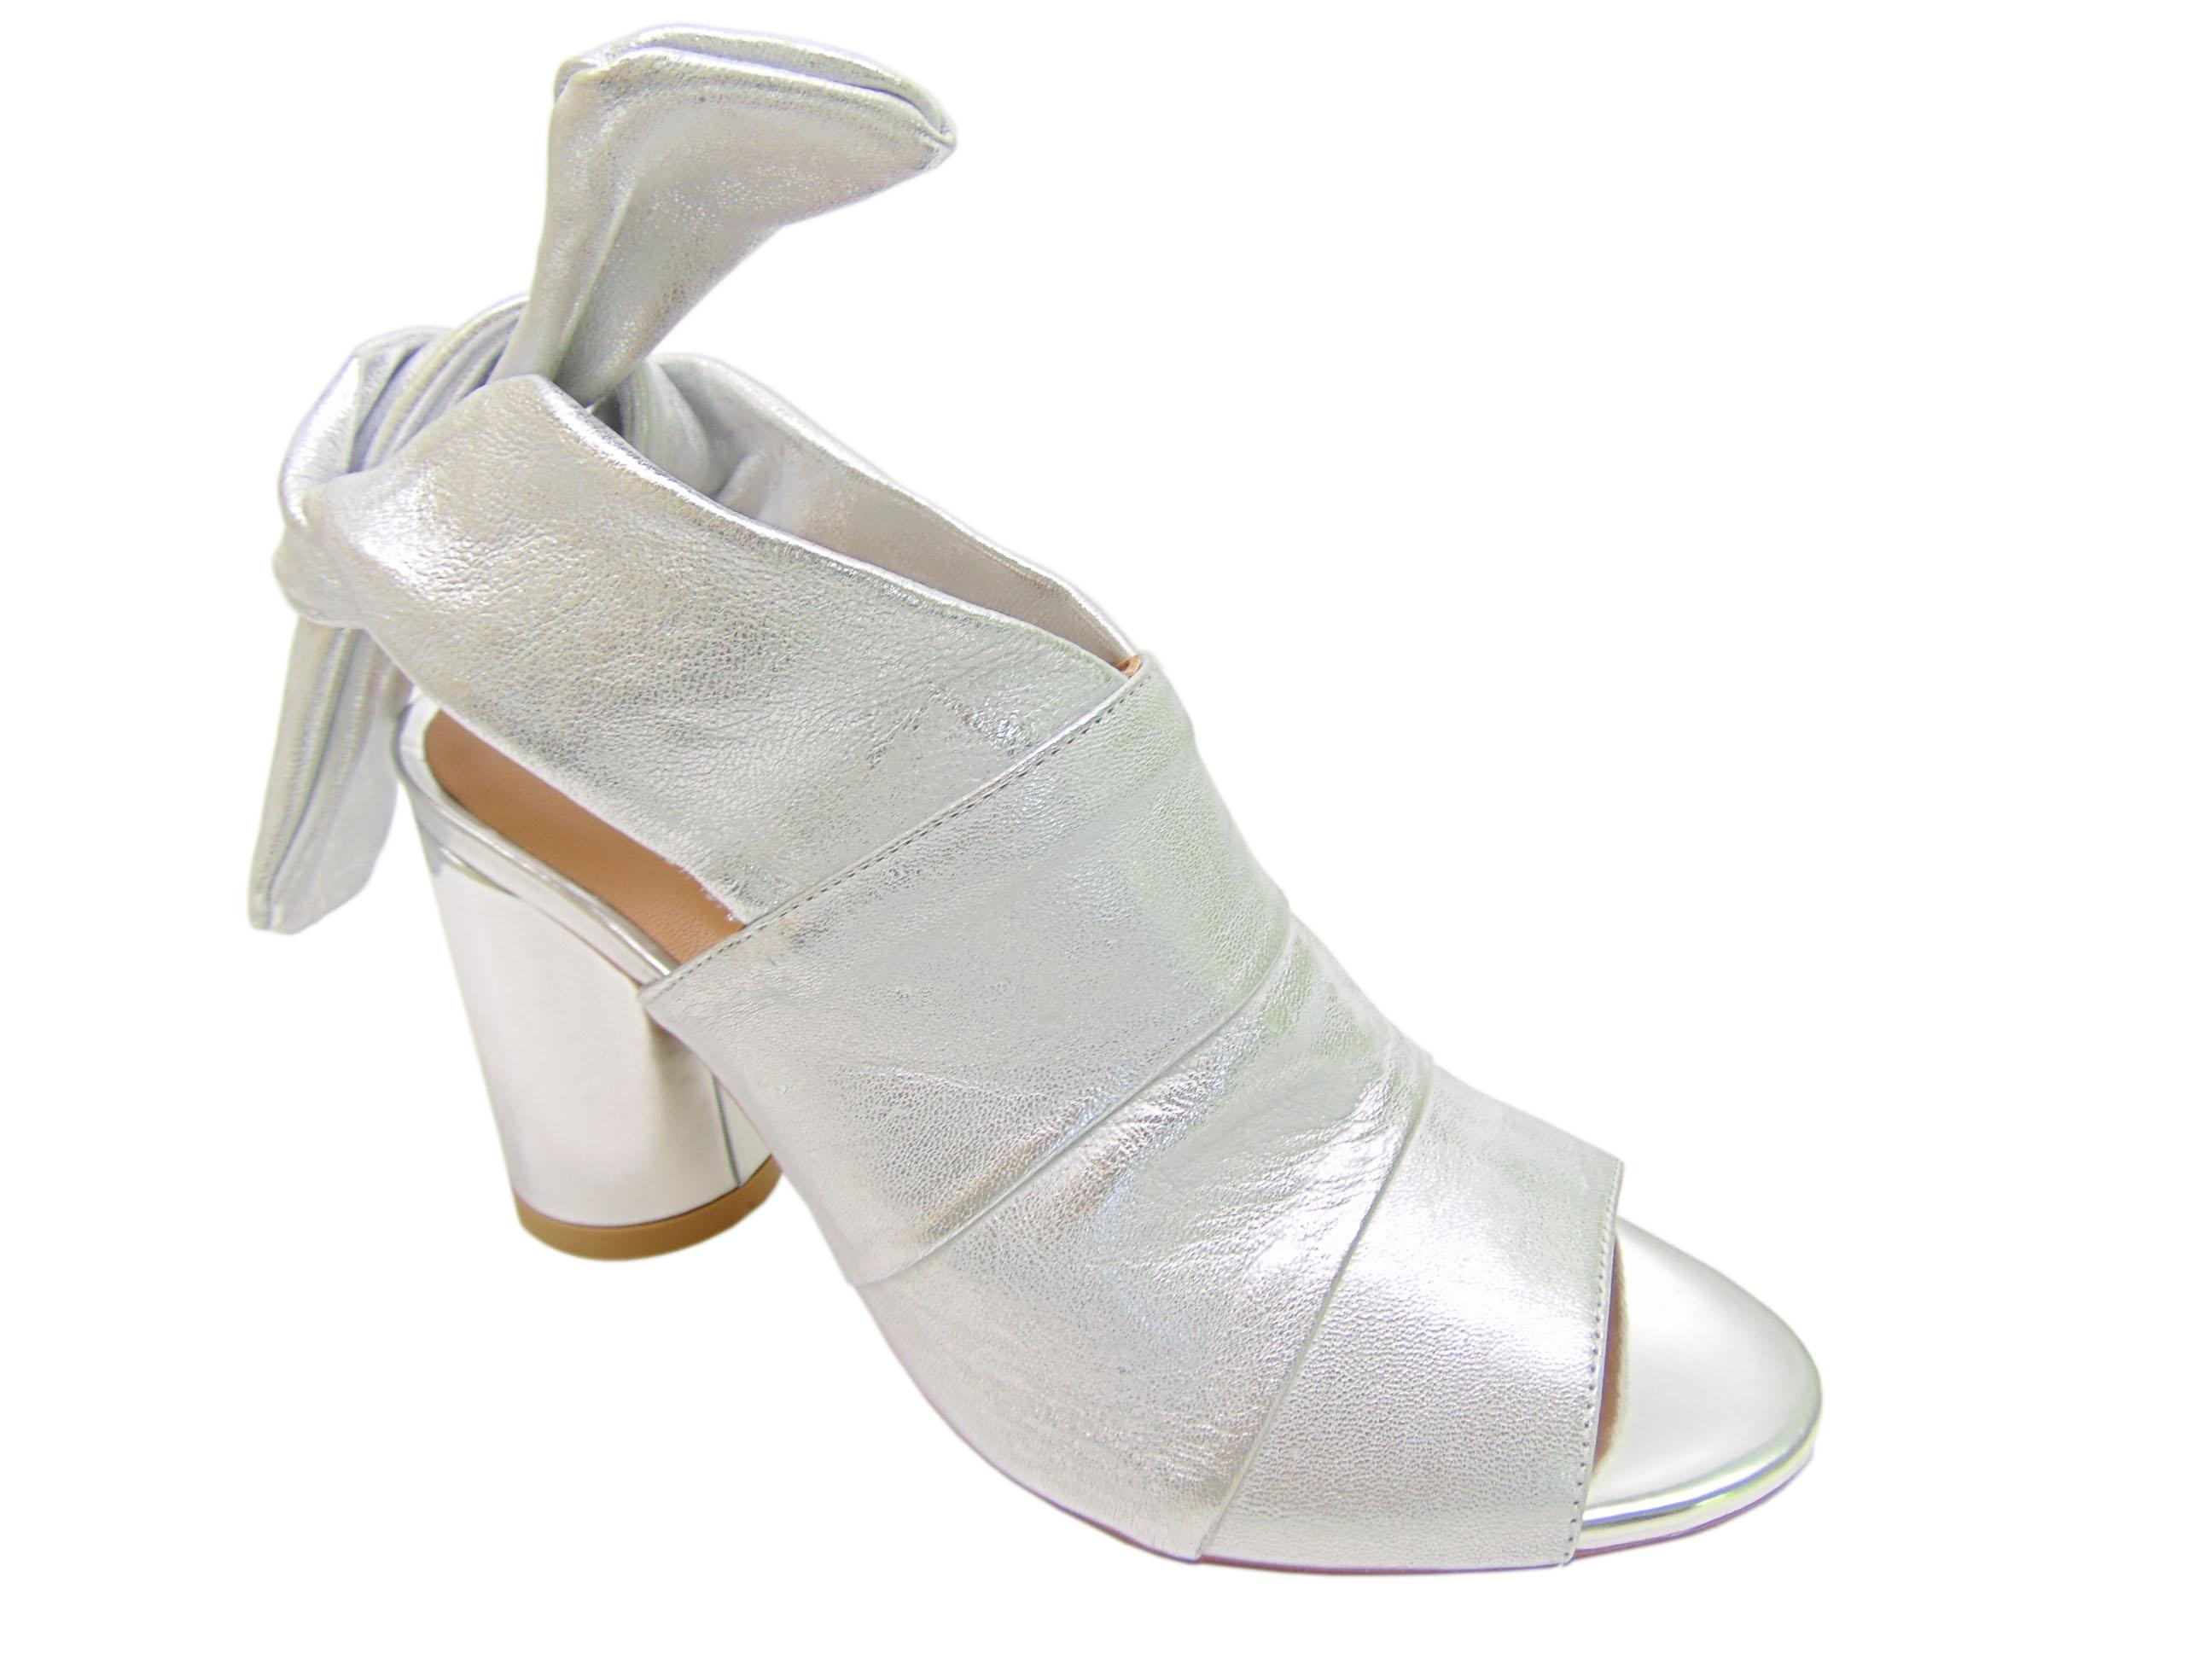 130f91a6979a6 Sandały Badura 7787-69 srebrne | Buty damskie na lato, sandały ...